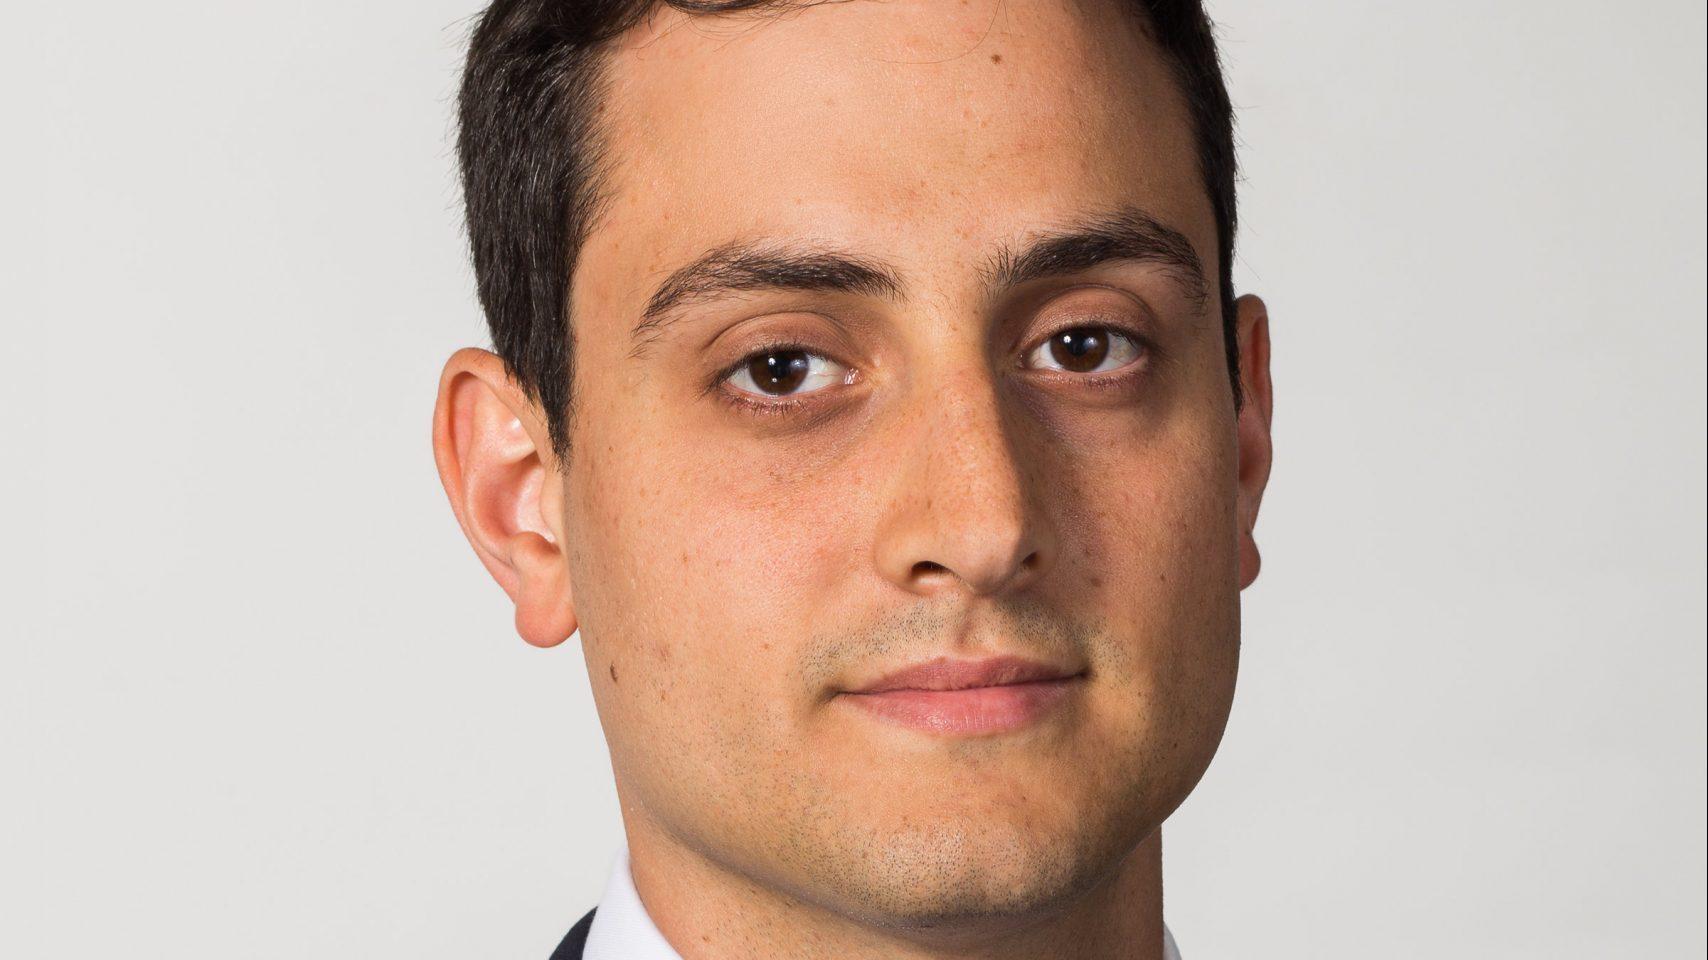 יובל בק, מנהל תחום ה-Power ב-Aon ישראל: חריגי המגפות מותירים את המבוטחים ללא פתרון, והענף יידרש למצוא פתרונות גם למקרים בהם אין נזק פיזי